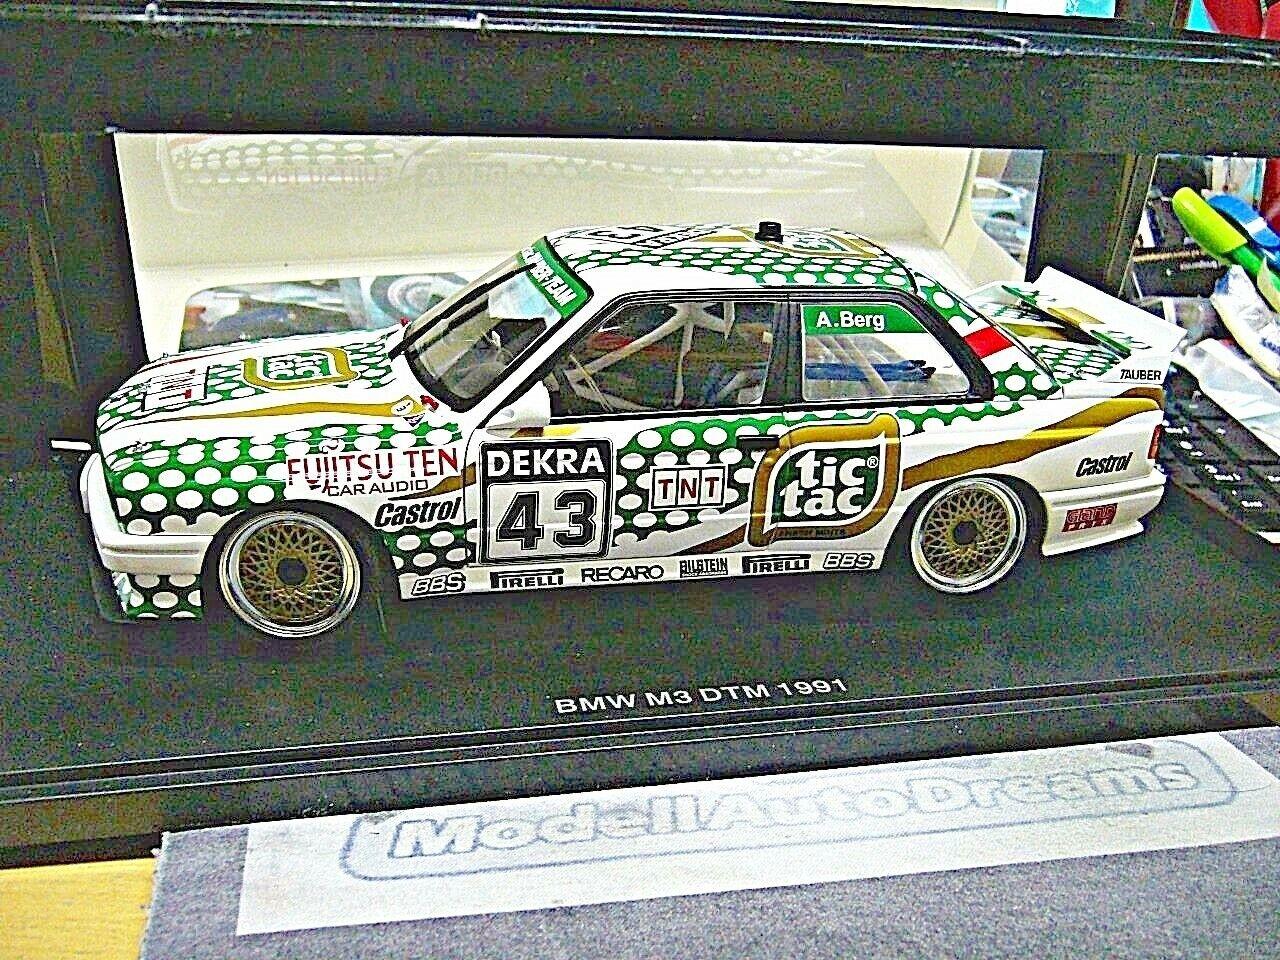 BMW m3 3er e30 Dtm 1991 Tic Tac TNT montagne  43 équipe Tauber S-PRIX Autoart 1 18